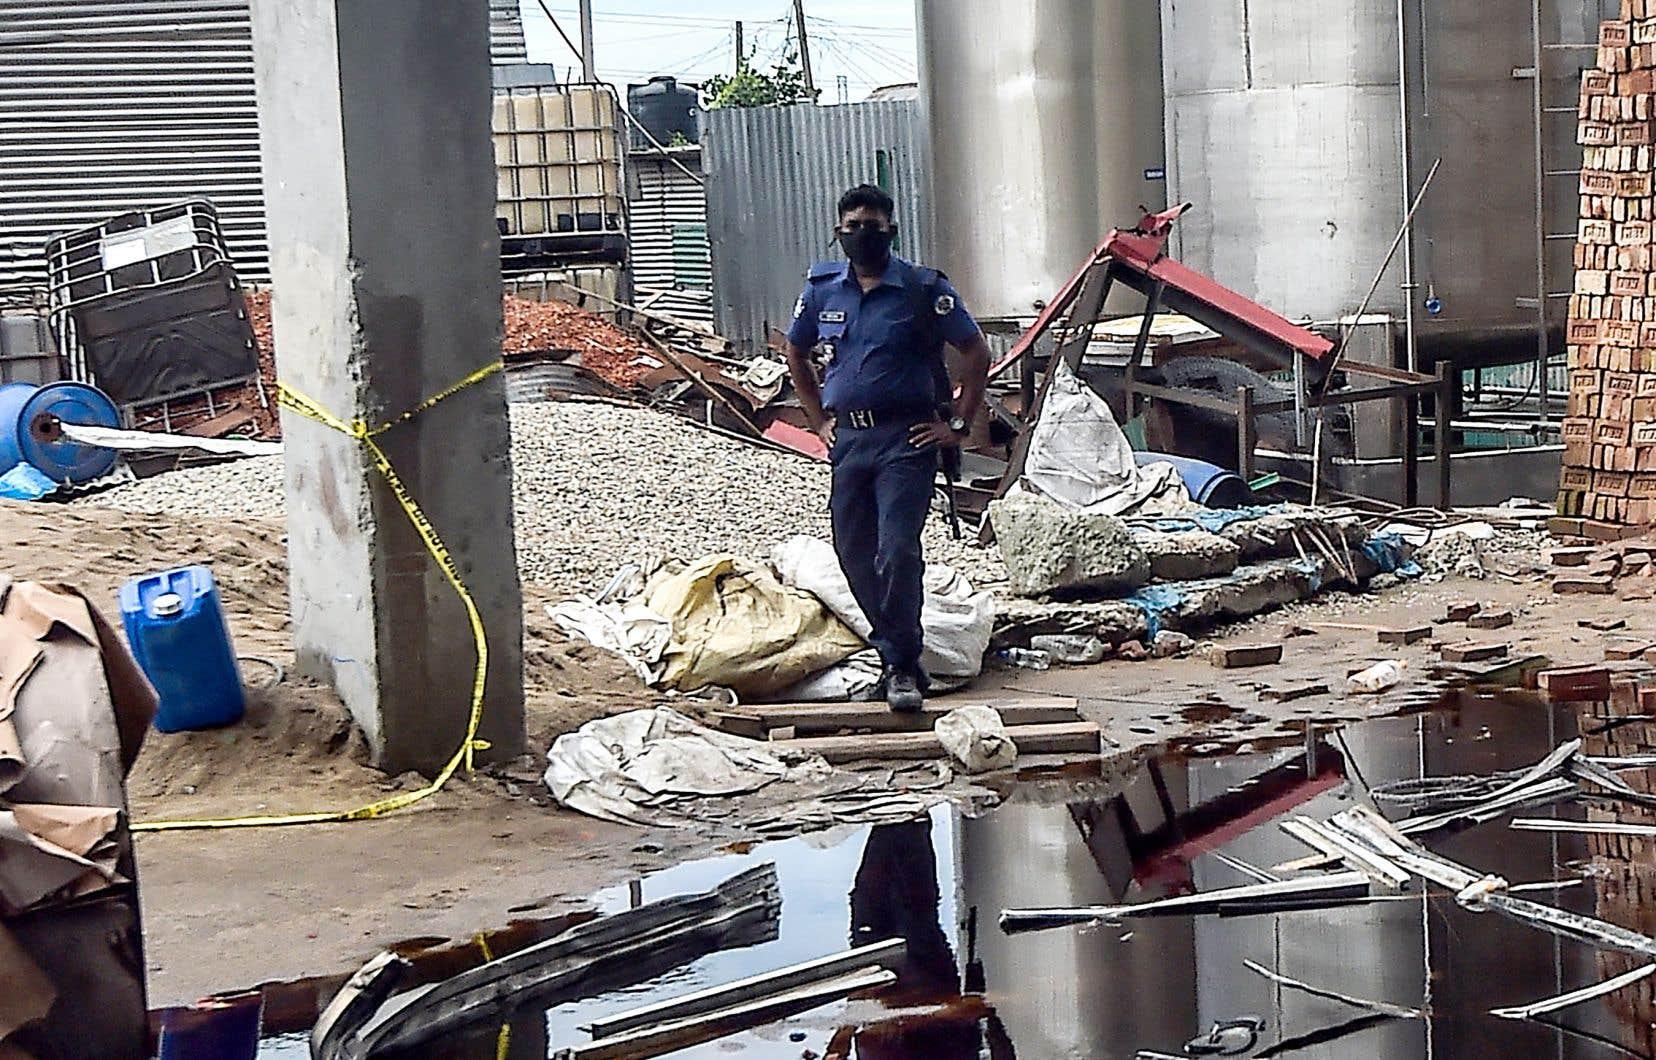 Les incendies et les effondrements de bâtiments sont relativement fréquents au Bangladesh, en particulier dans son importante industrie textile, en raison d'un manque de respect des normes de sécurité. Et les réformes promises dans ce domaine par l'État tardent à se concrétiser. En 2013, l'effondrement du Rana Plaza, un complexe de neuf étages qui abritait des usines de confection à Dacca, avait fait plus de 1100 morts. Ce nouveau drame illustre selon les syndicats combien la législation sur le travail est peu respectée.